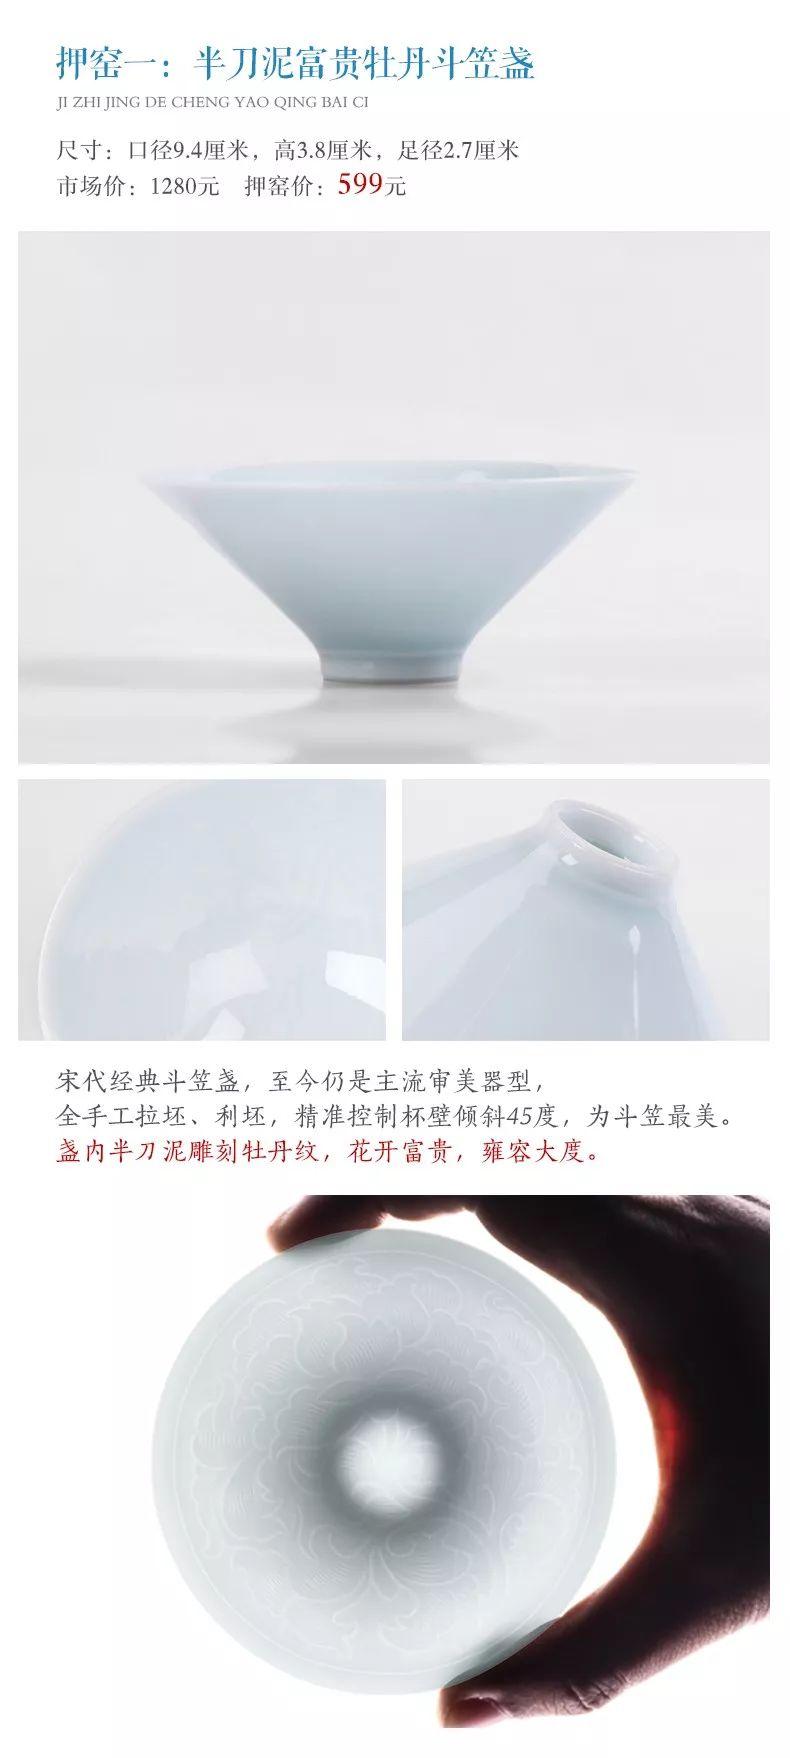 瓷中之玉,景德之美,青白瓷上的宋人格調